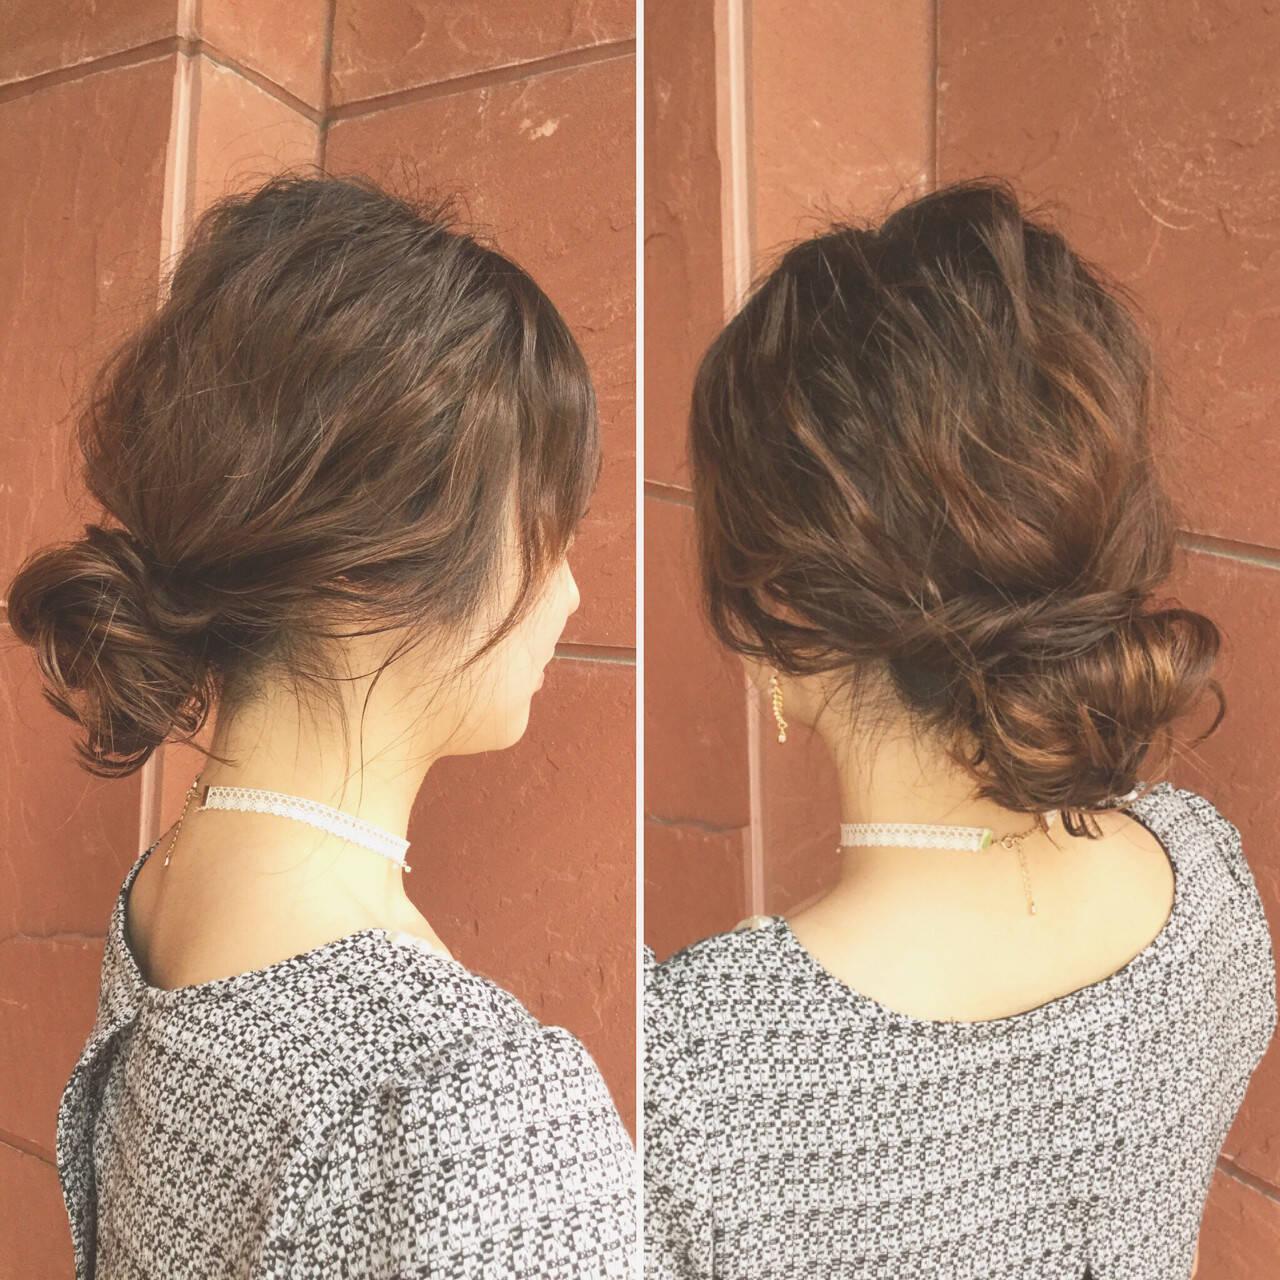 シニヨン ヘアアレンジ ミディアム 結婚式ヘアスタイルや髪型の写真・画像